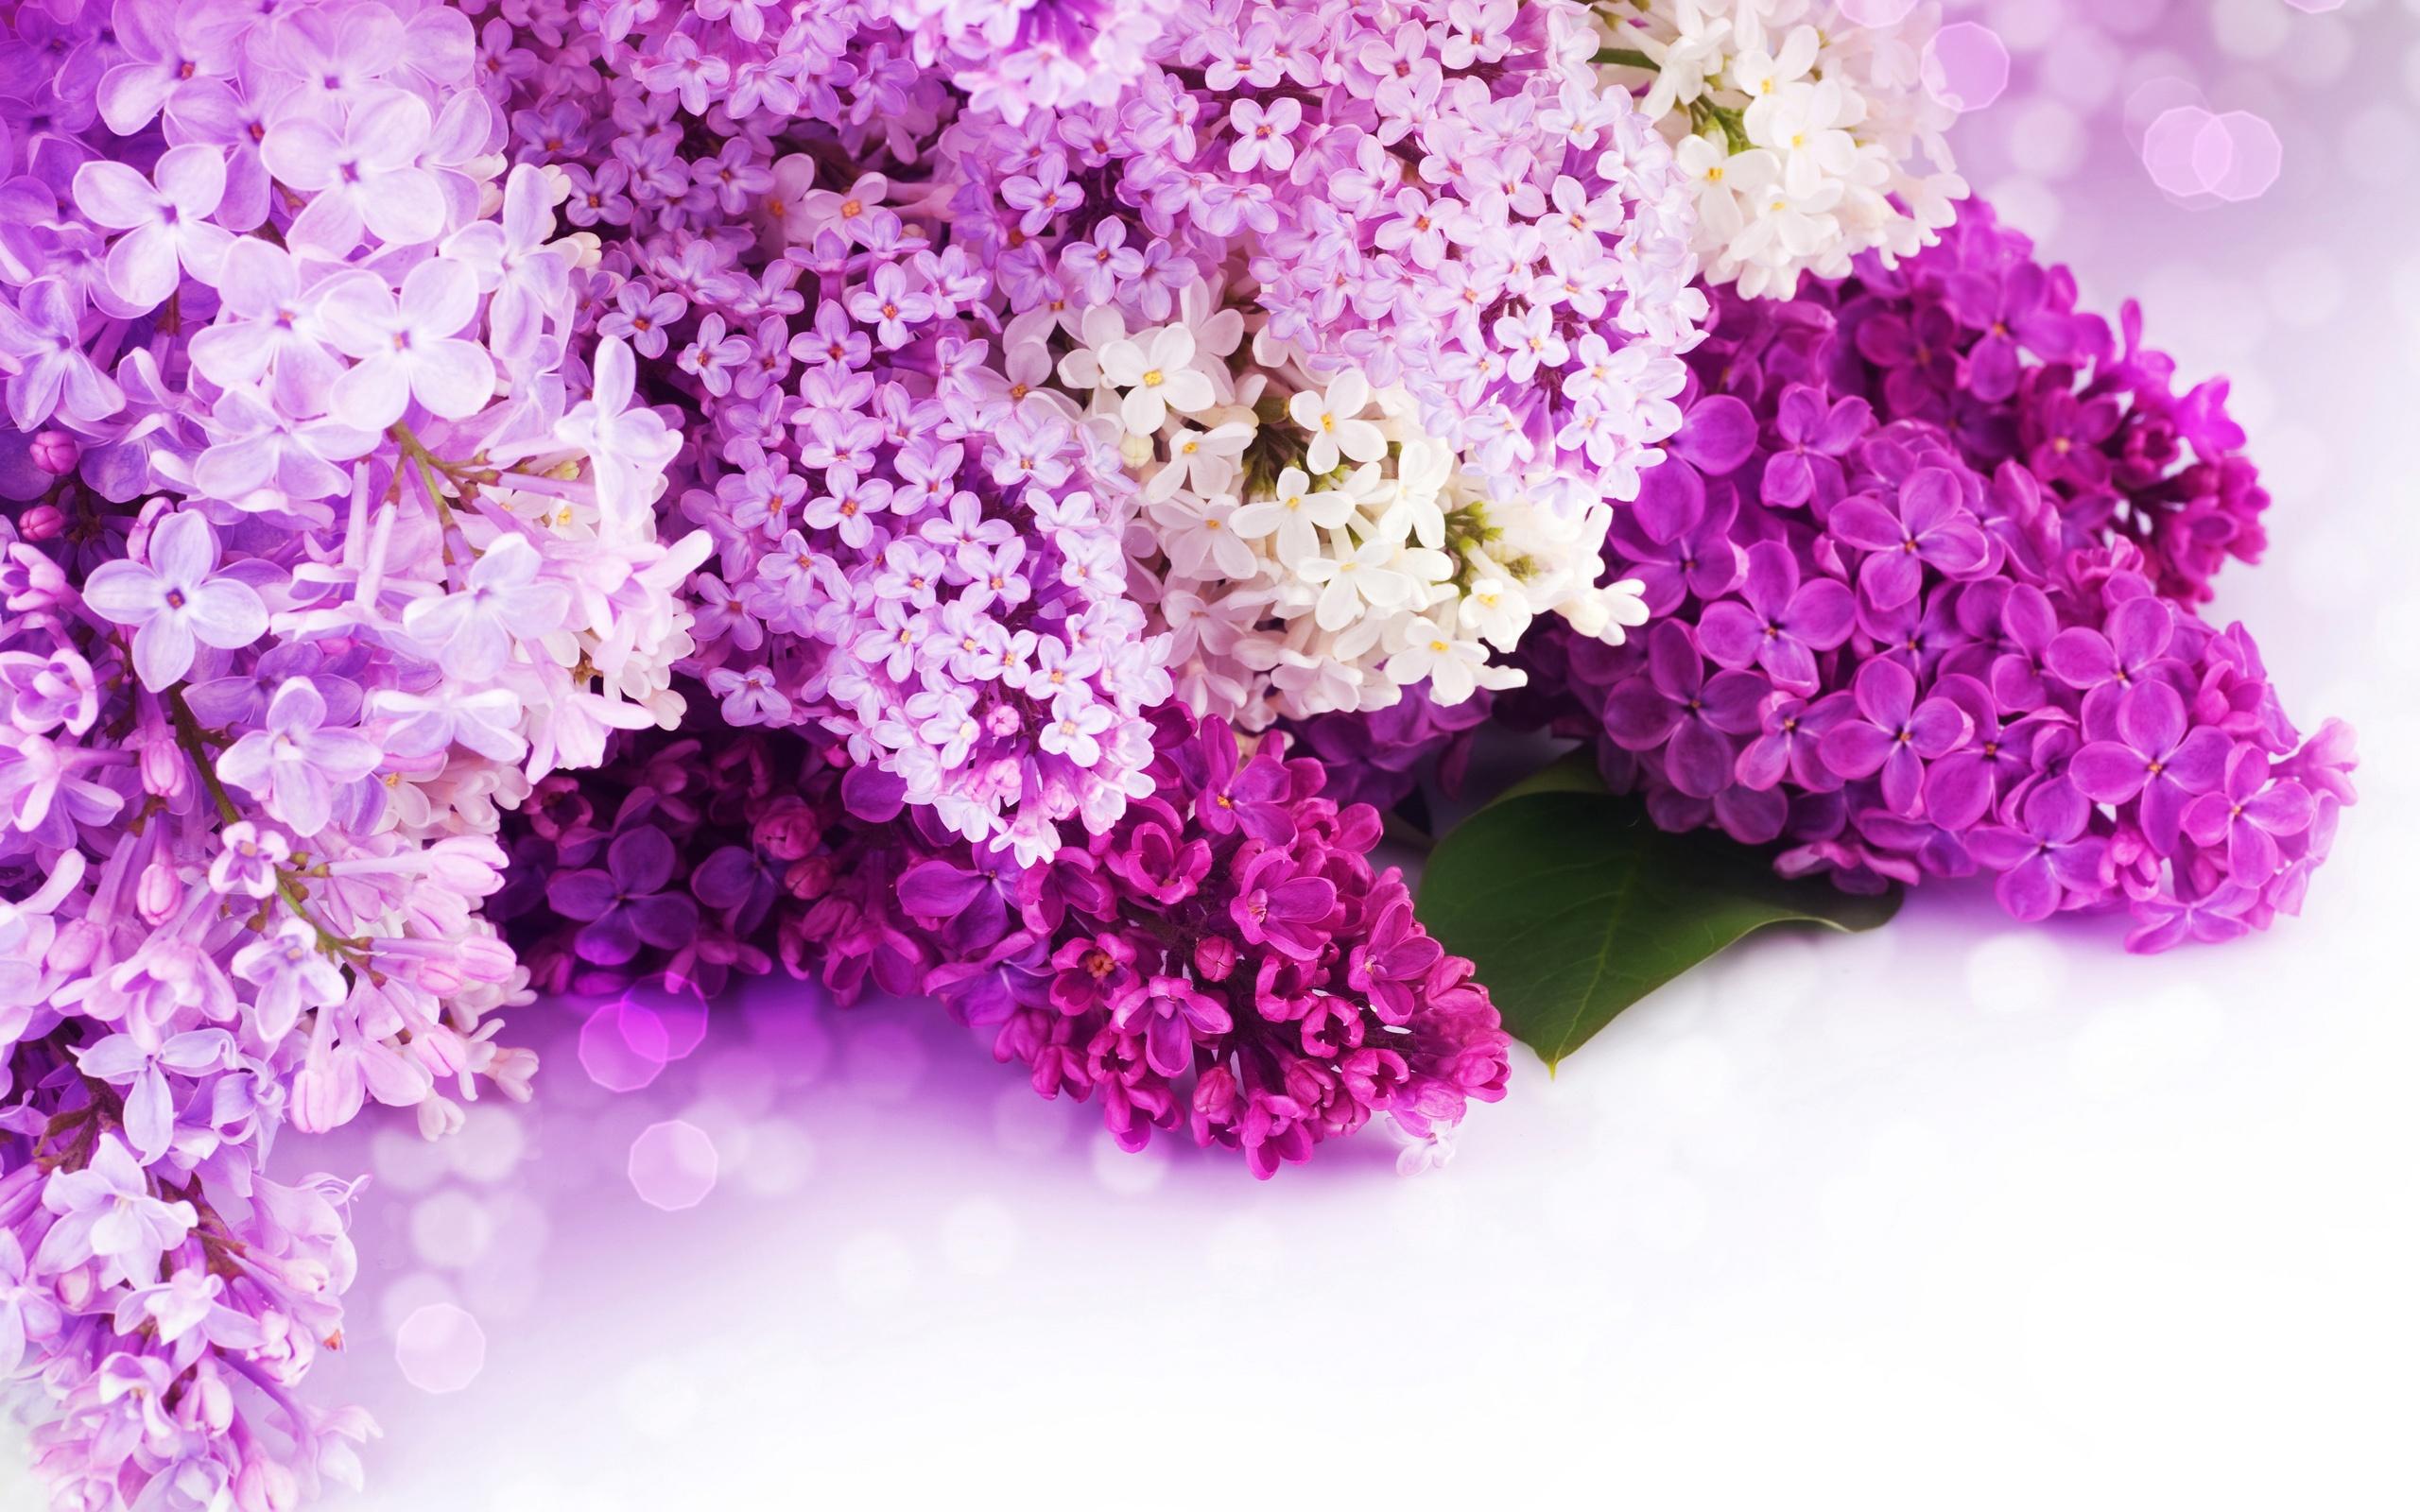 download hintergrundbilder 2560x1600 lilac lila und wei en bl ten blumen close up hd hintergrund. Black Bedroom Furniture Sets. Home Design Ideas